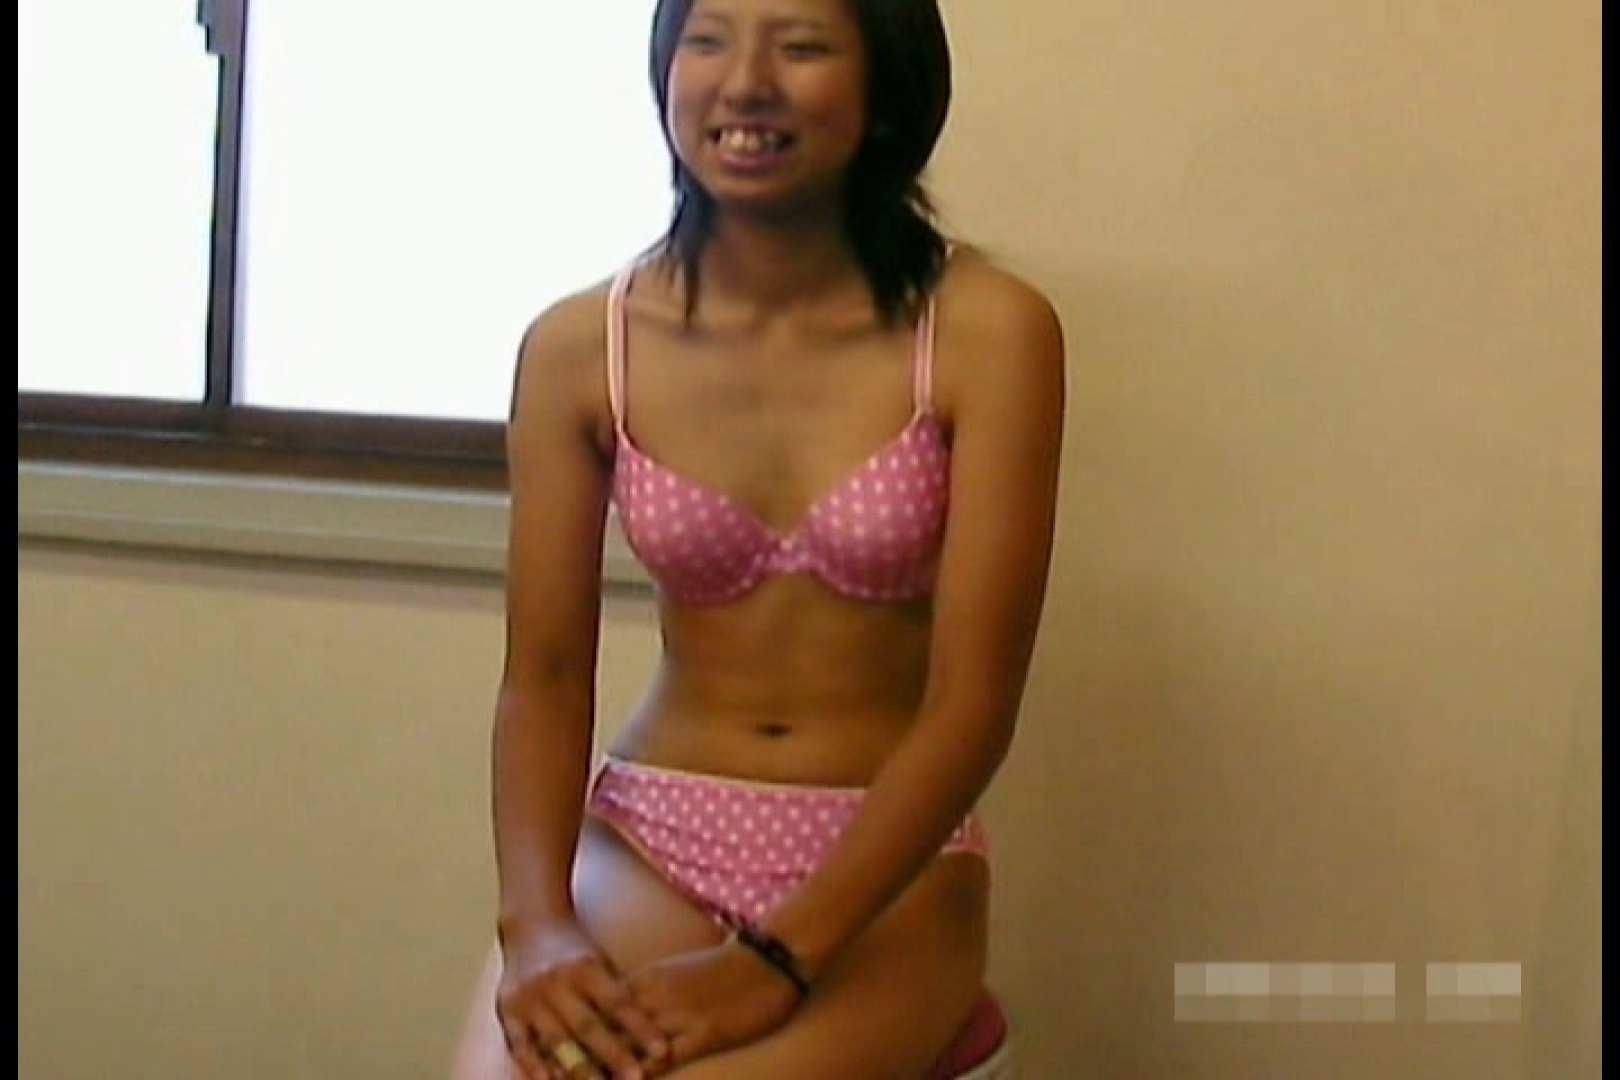 素人撮影 下着だけの撮影のはずが・・・エミちゃん18歳 無修正マンコ えろ無修正画像 85PIX 20